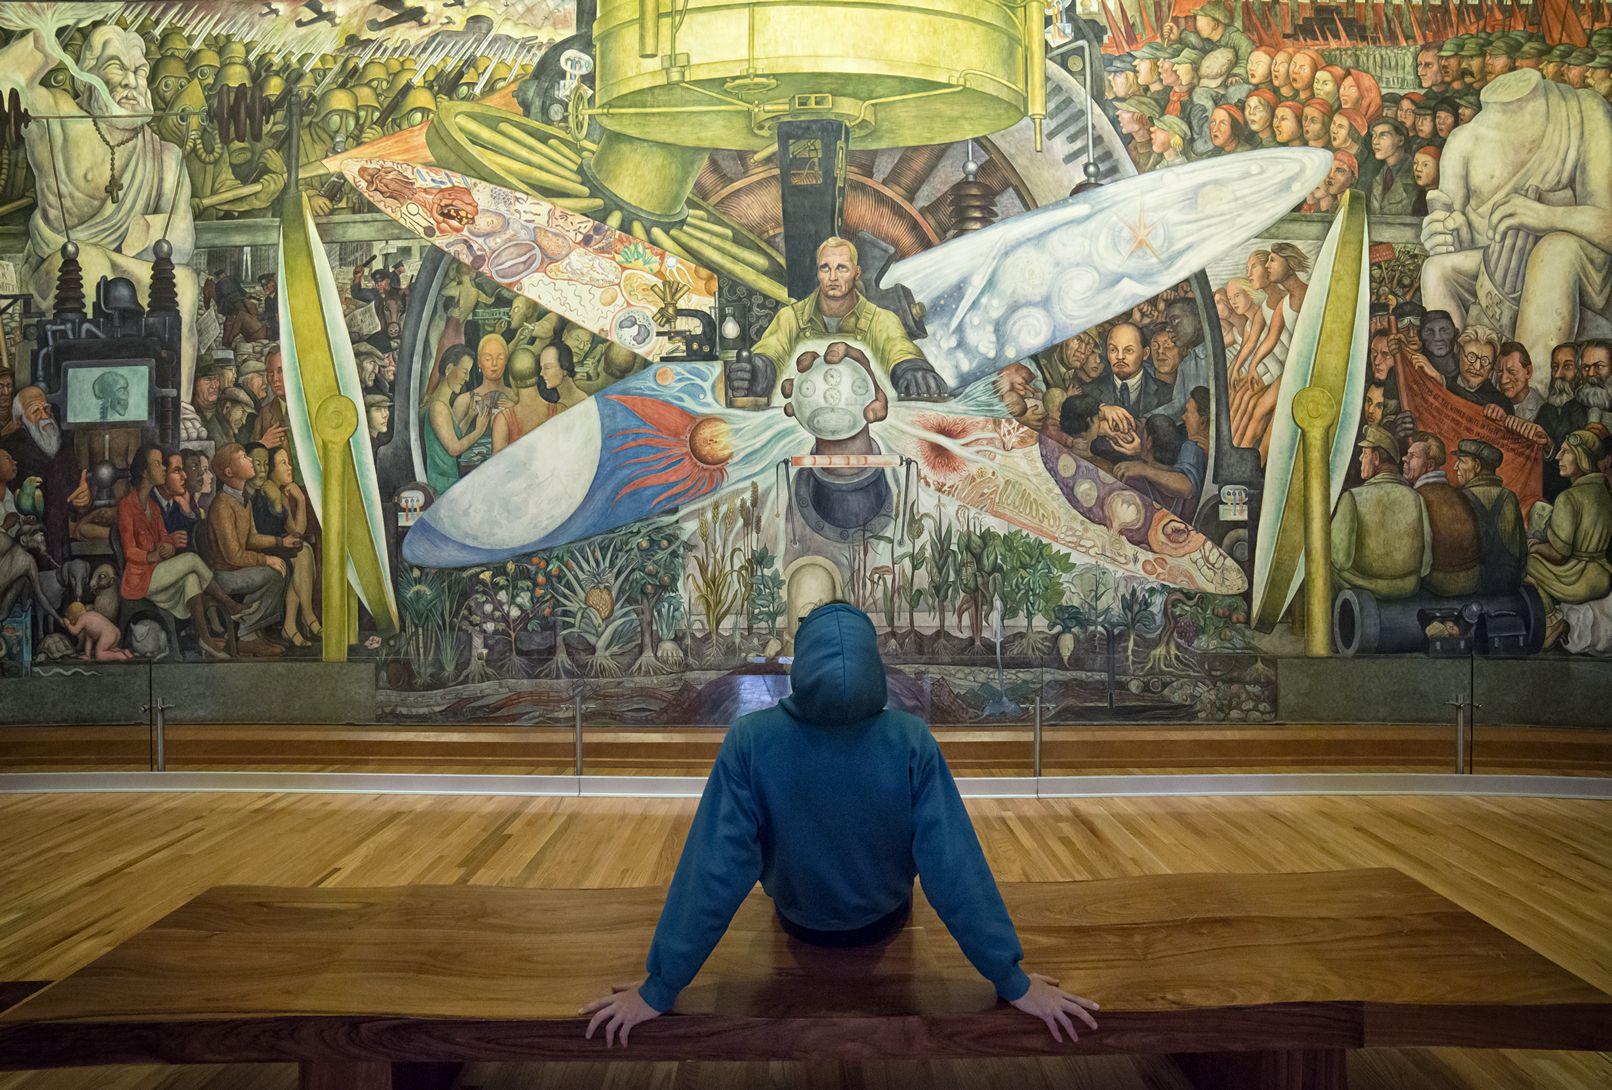 El Mural El Hombre Y El Universo